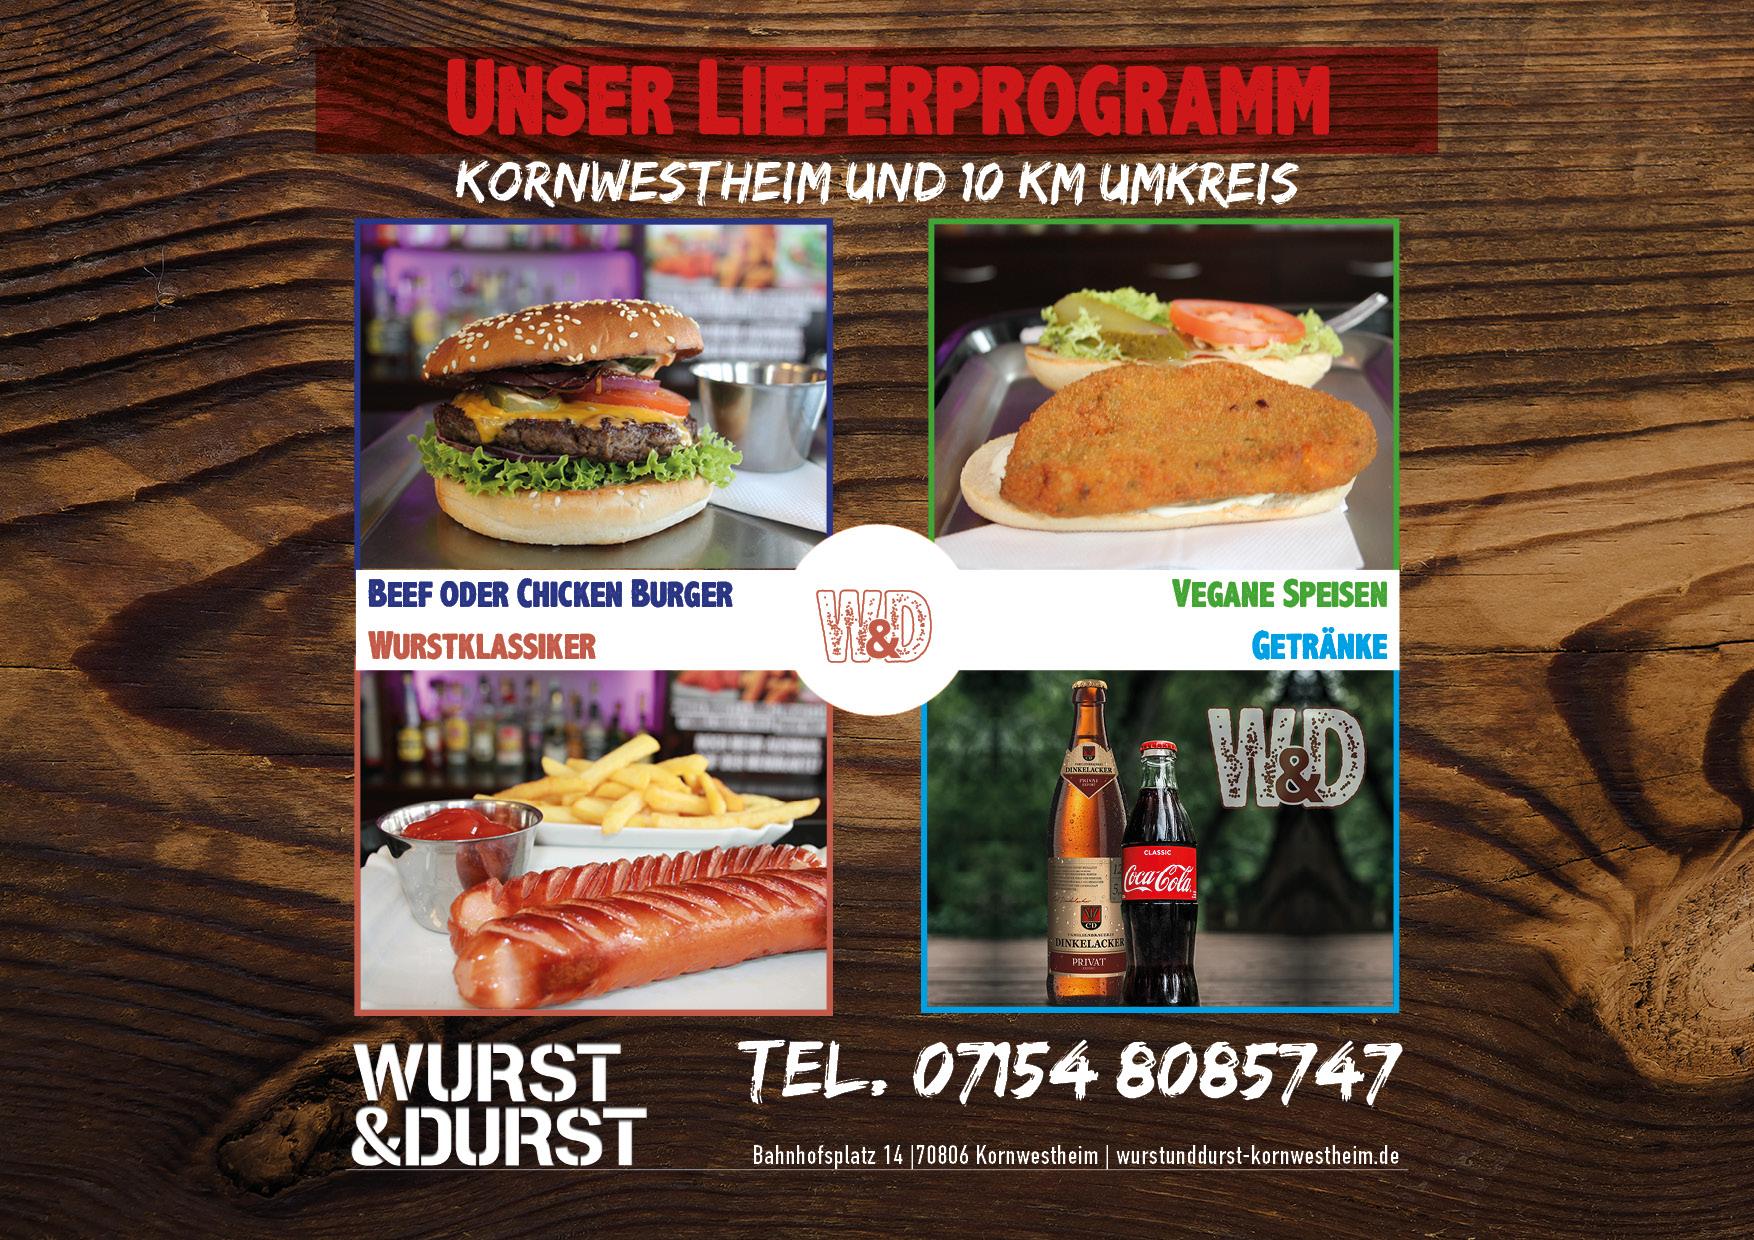 Burger und Fast Food bei Wurst & Durst - Lieferprogramm, Burger, Wurstklassiker, Vegane Speisen, Getränke